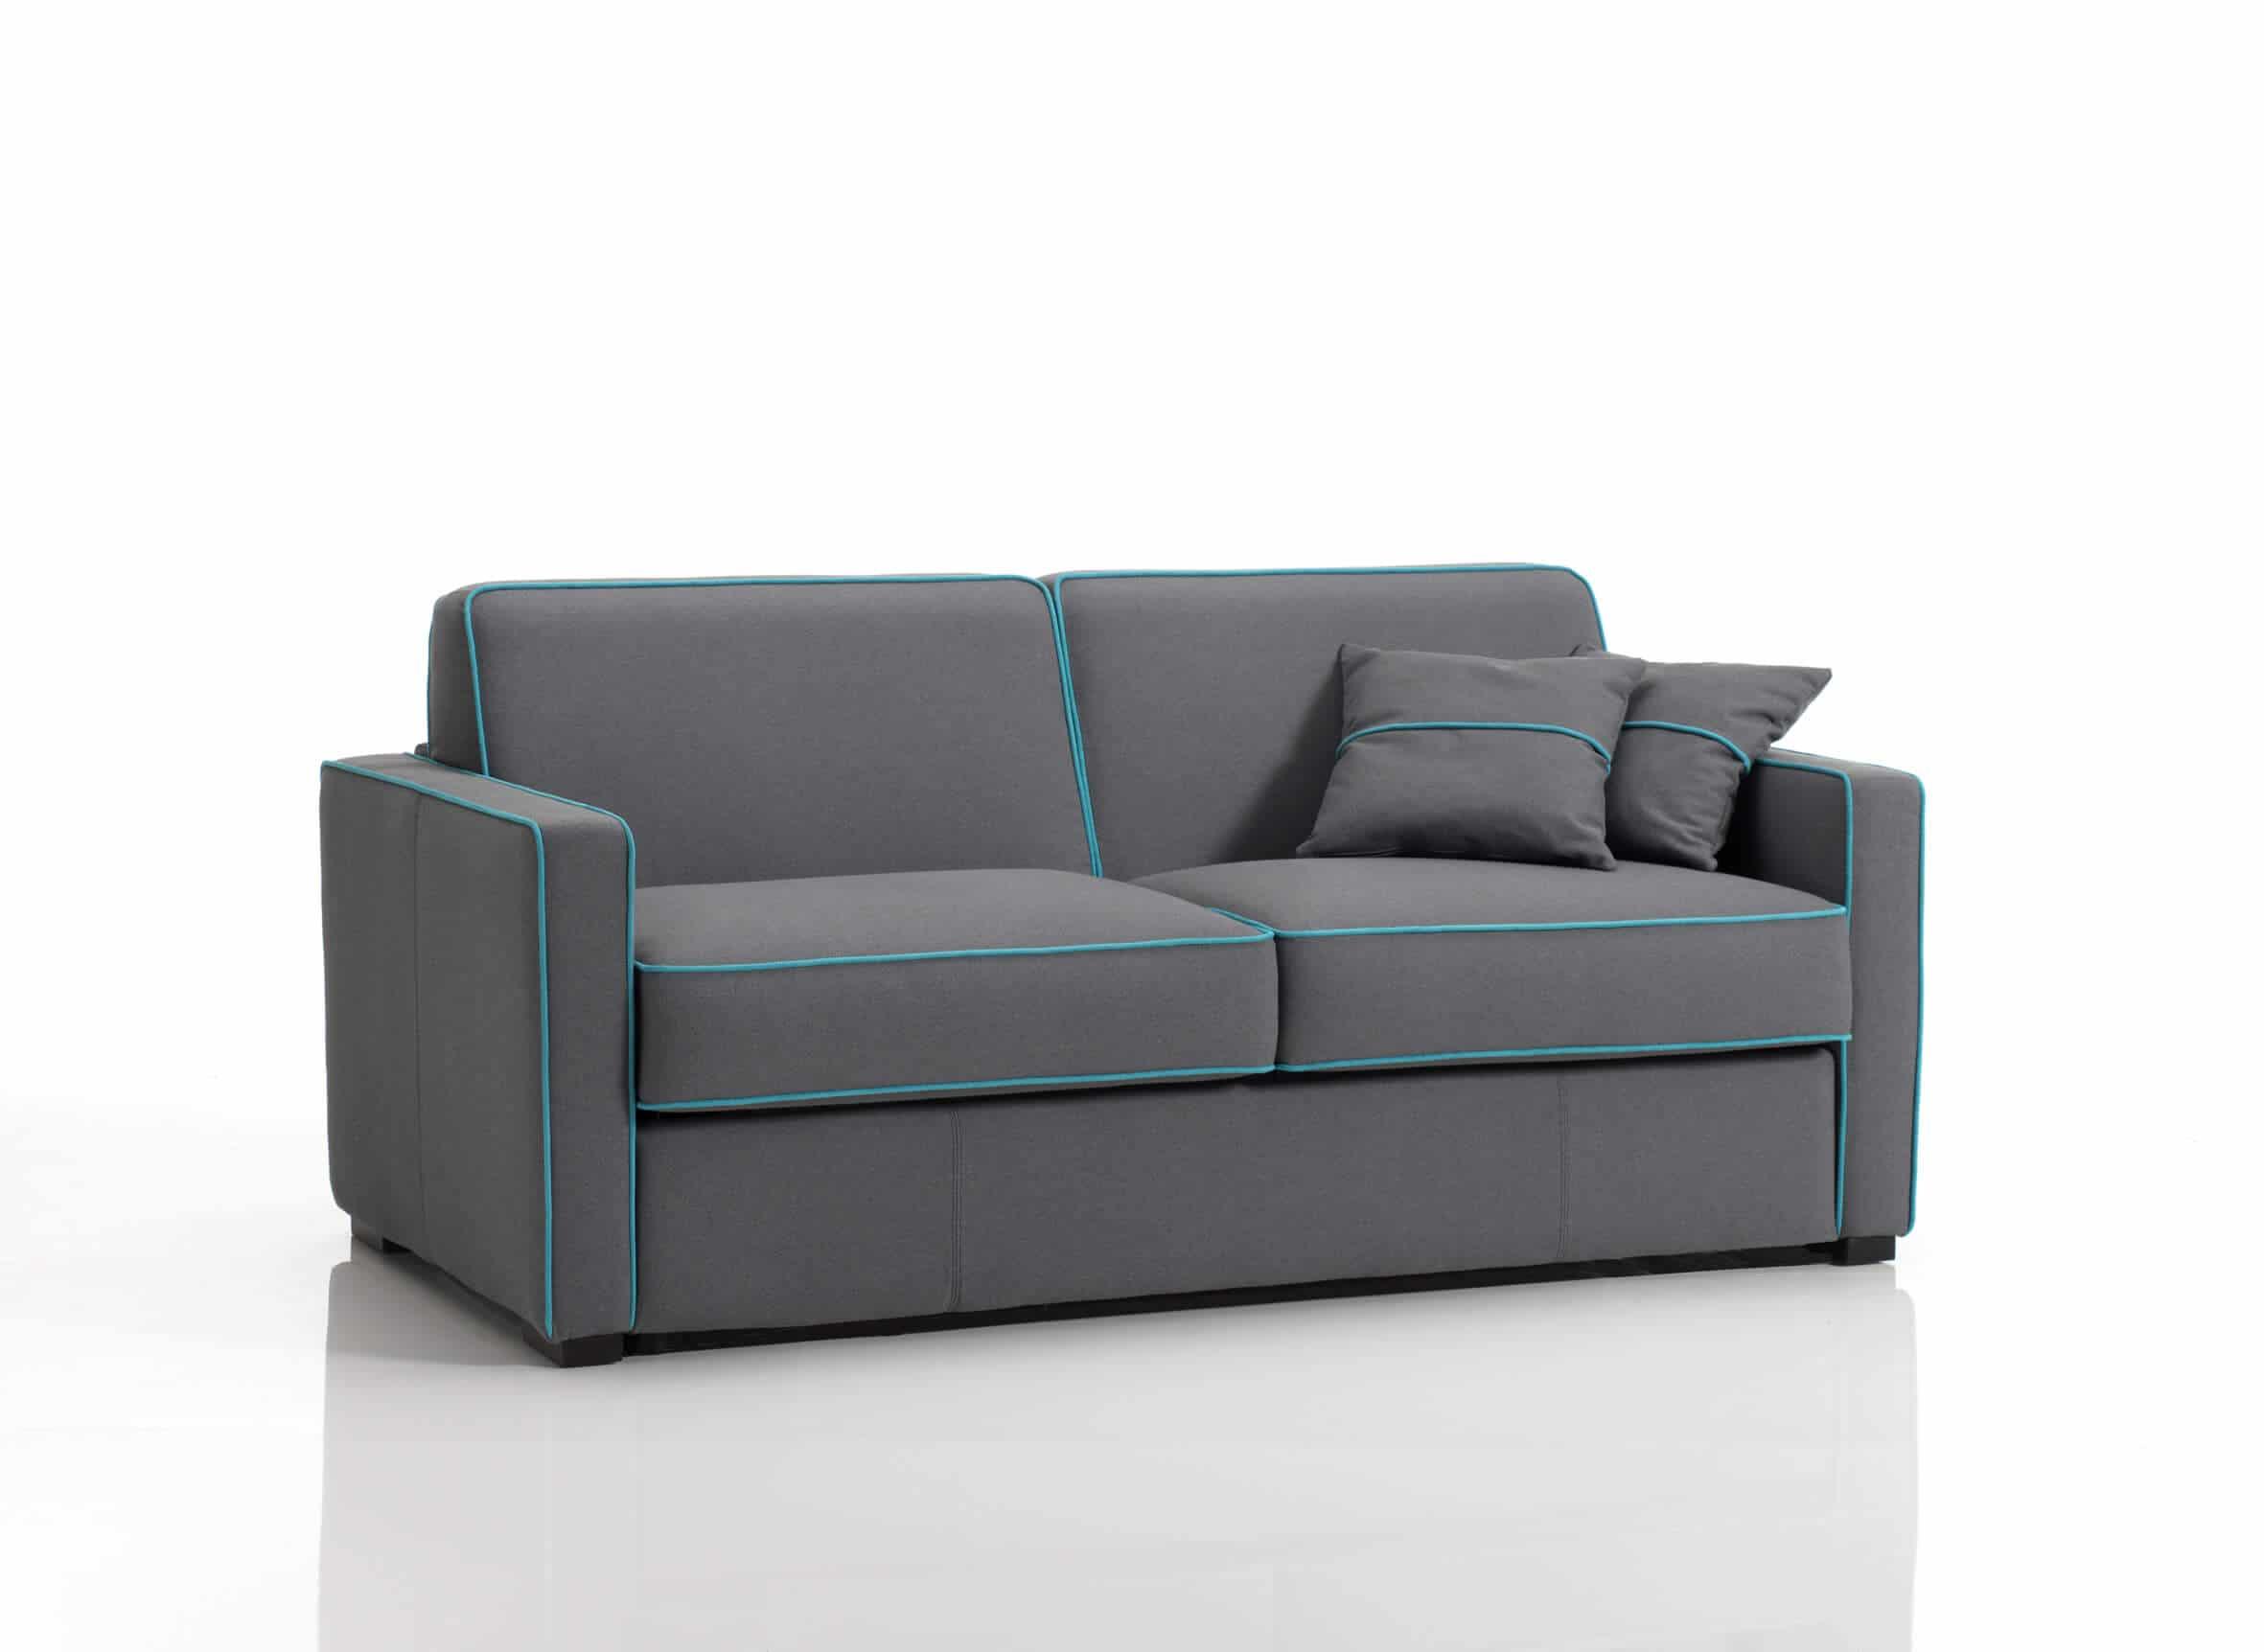 Divano letto modello stilo arredamento zona giorno divani e poltrone divani letto for Divani e divani divani letto